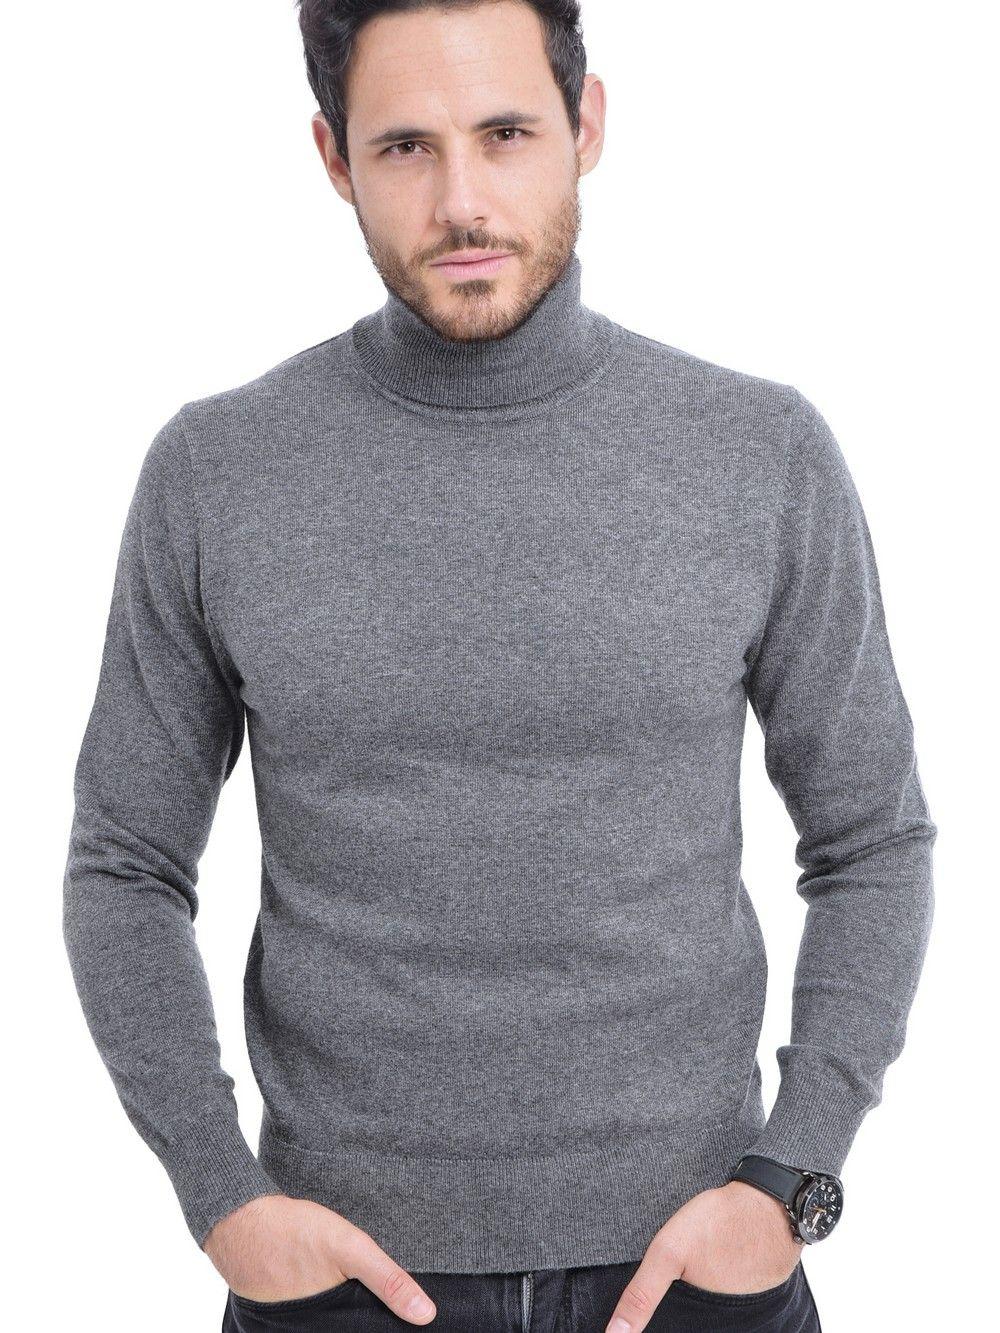 C&JO Turtleneck Sweater in Grey